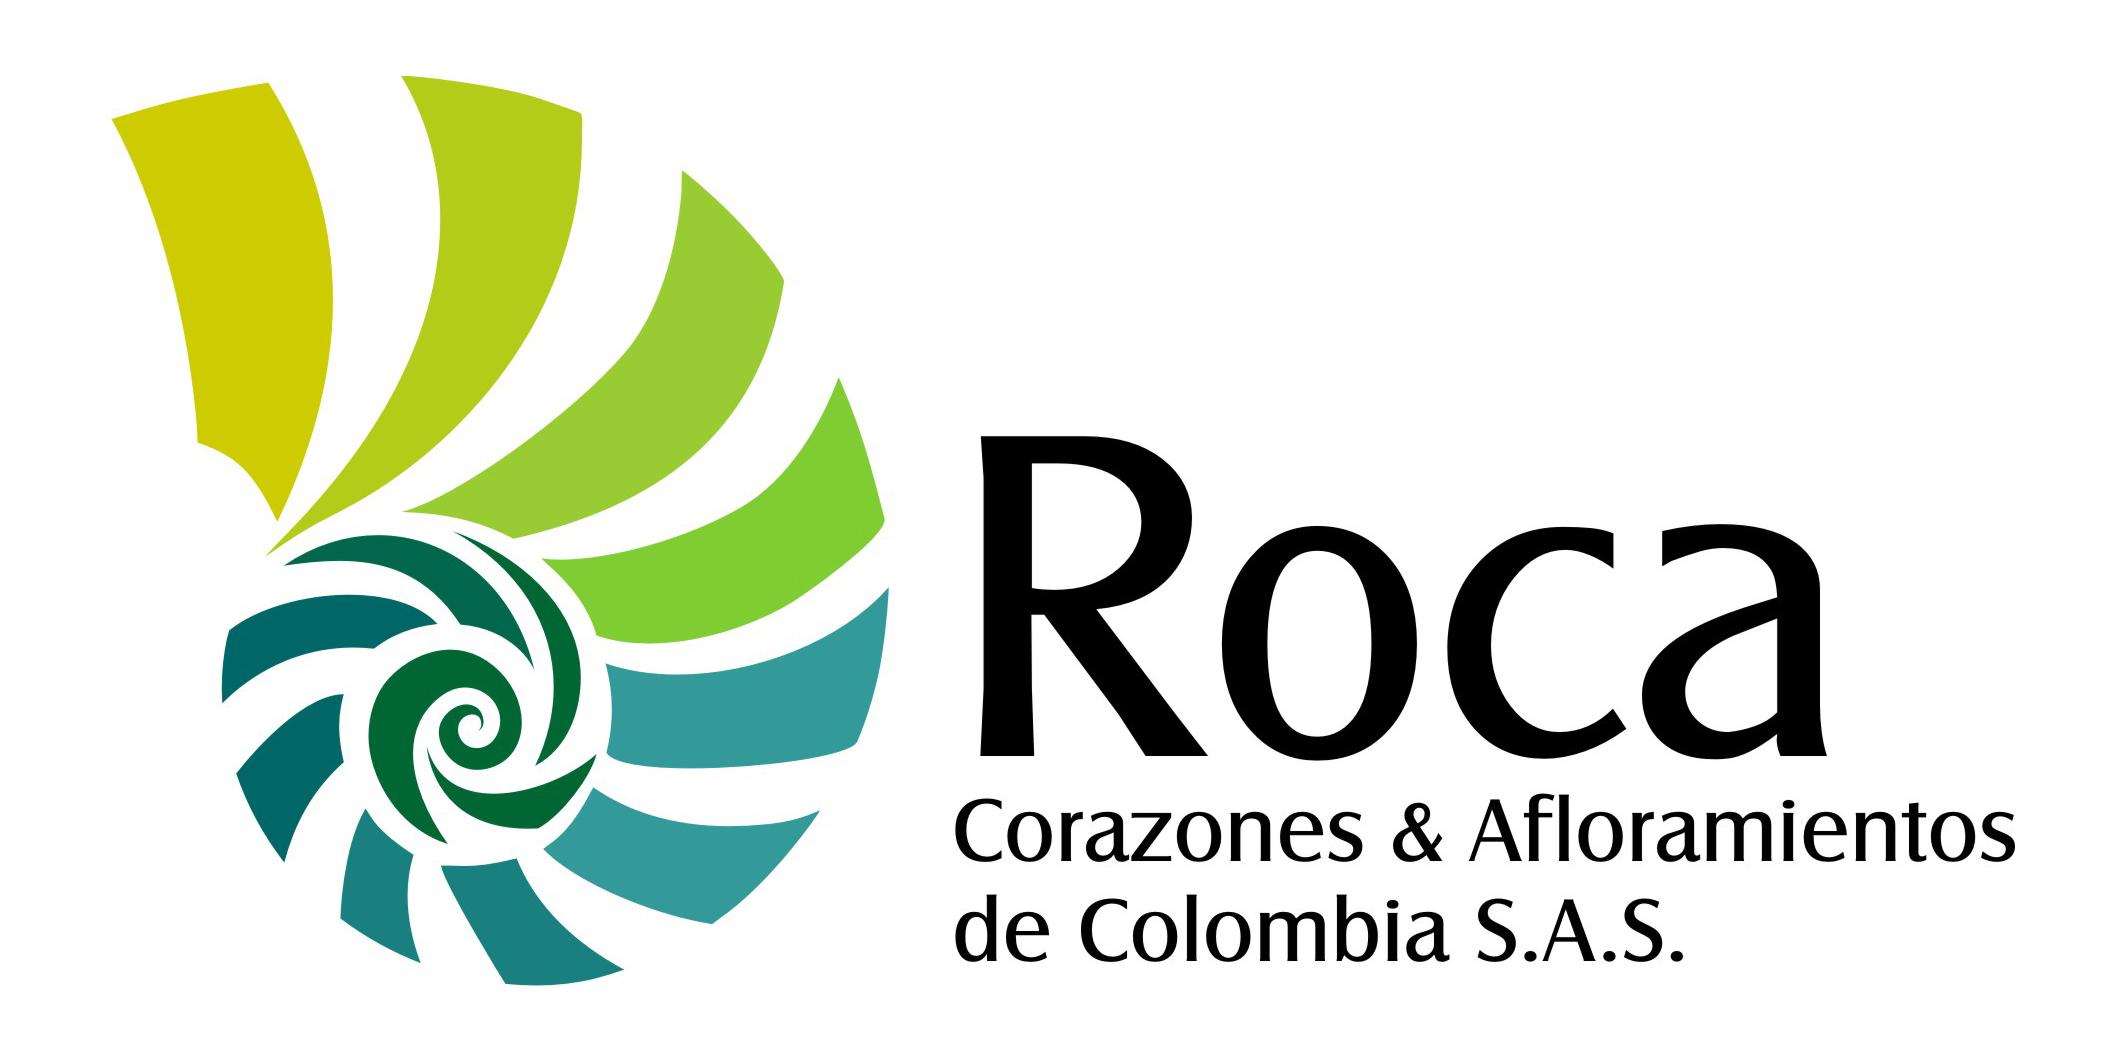 Roca, Corazones y Afloramientos de Colombia